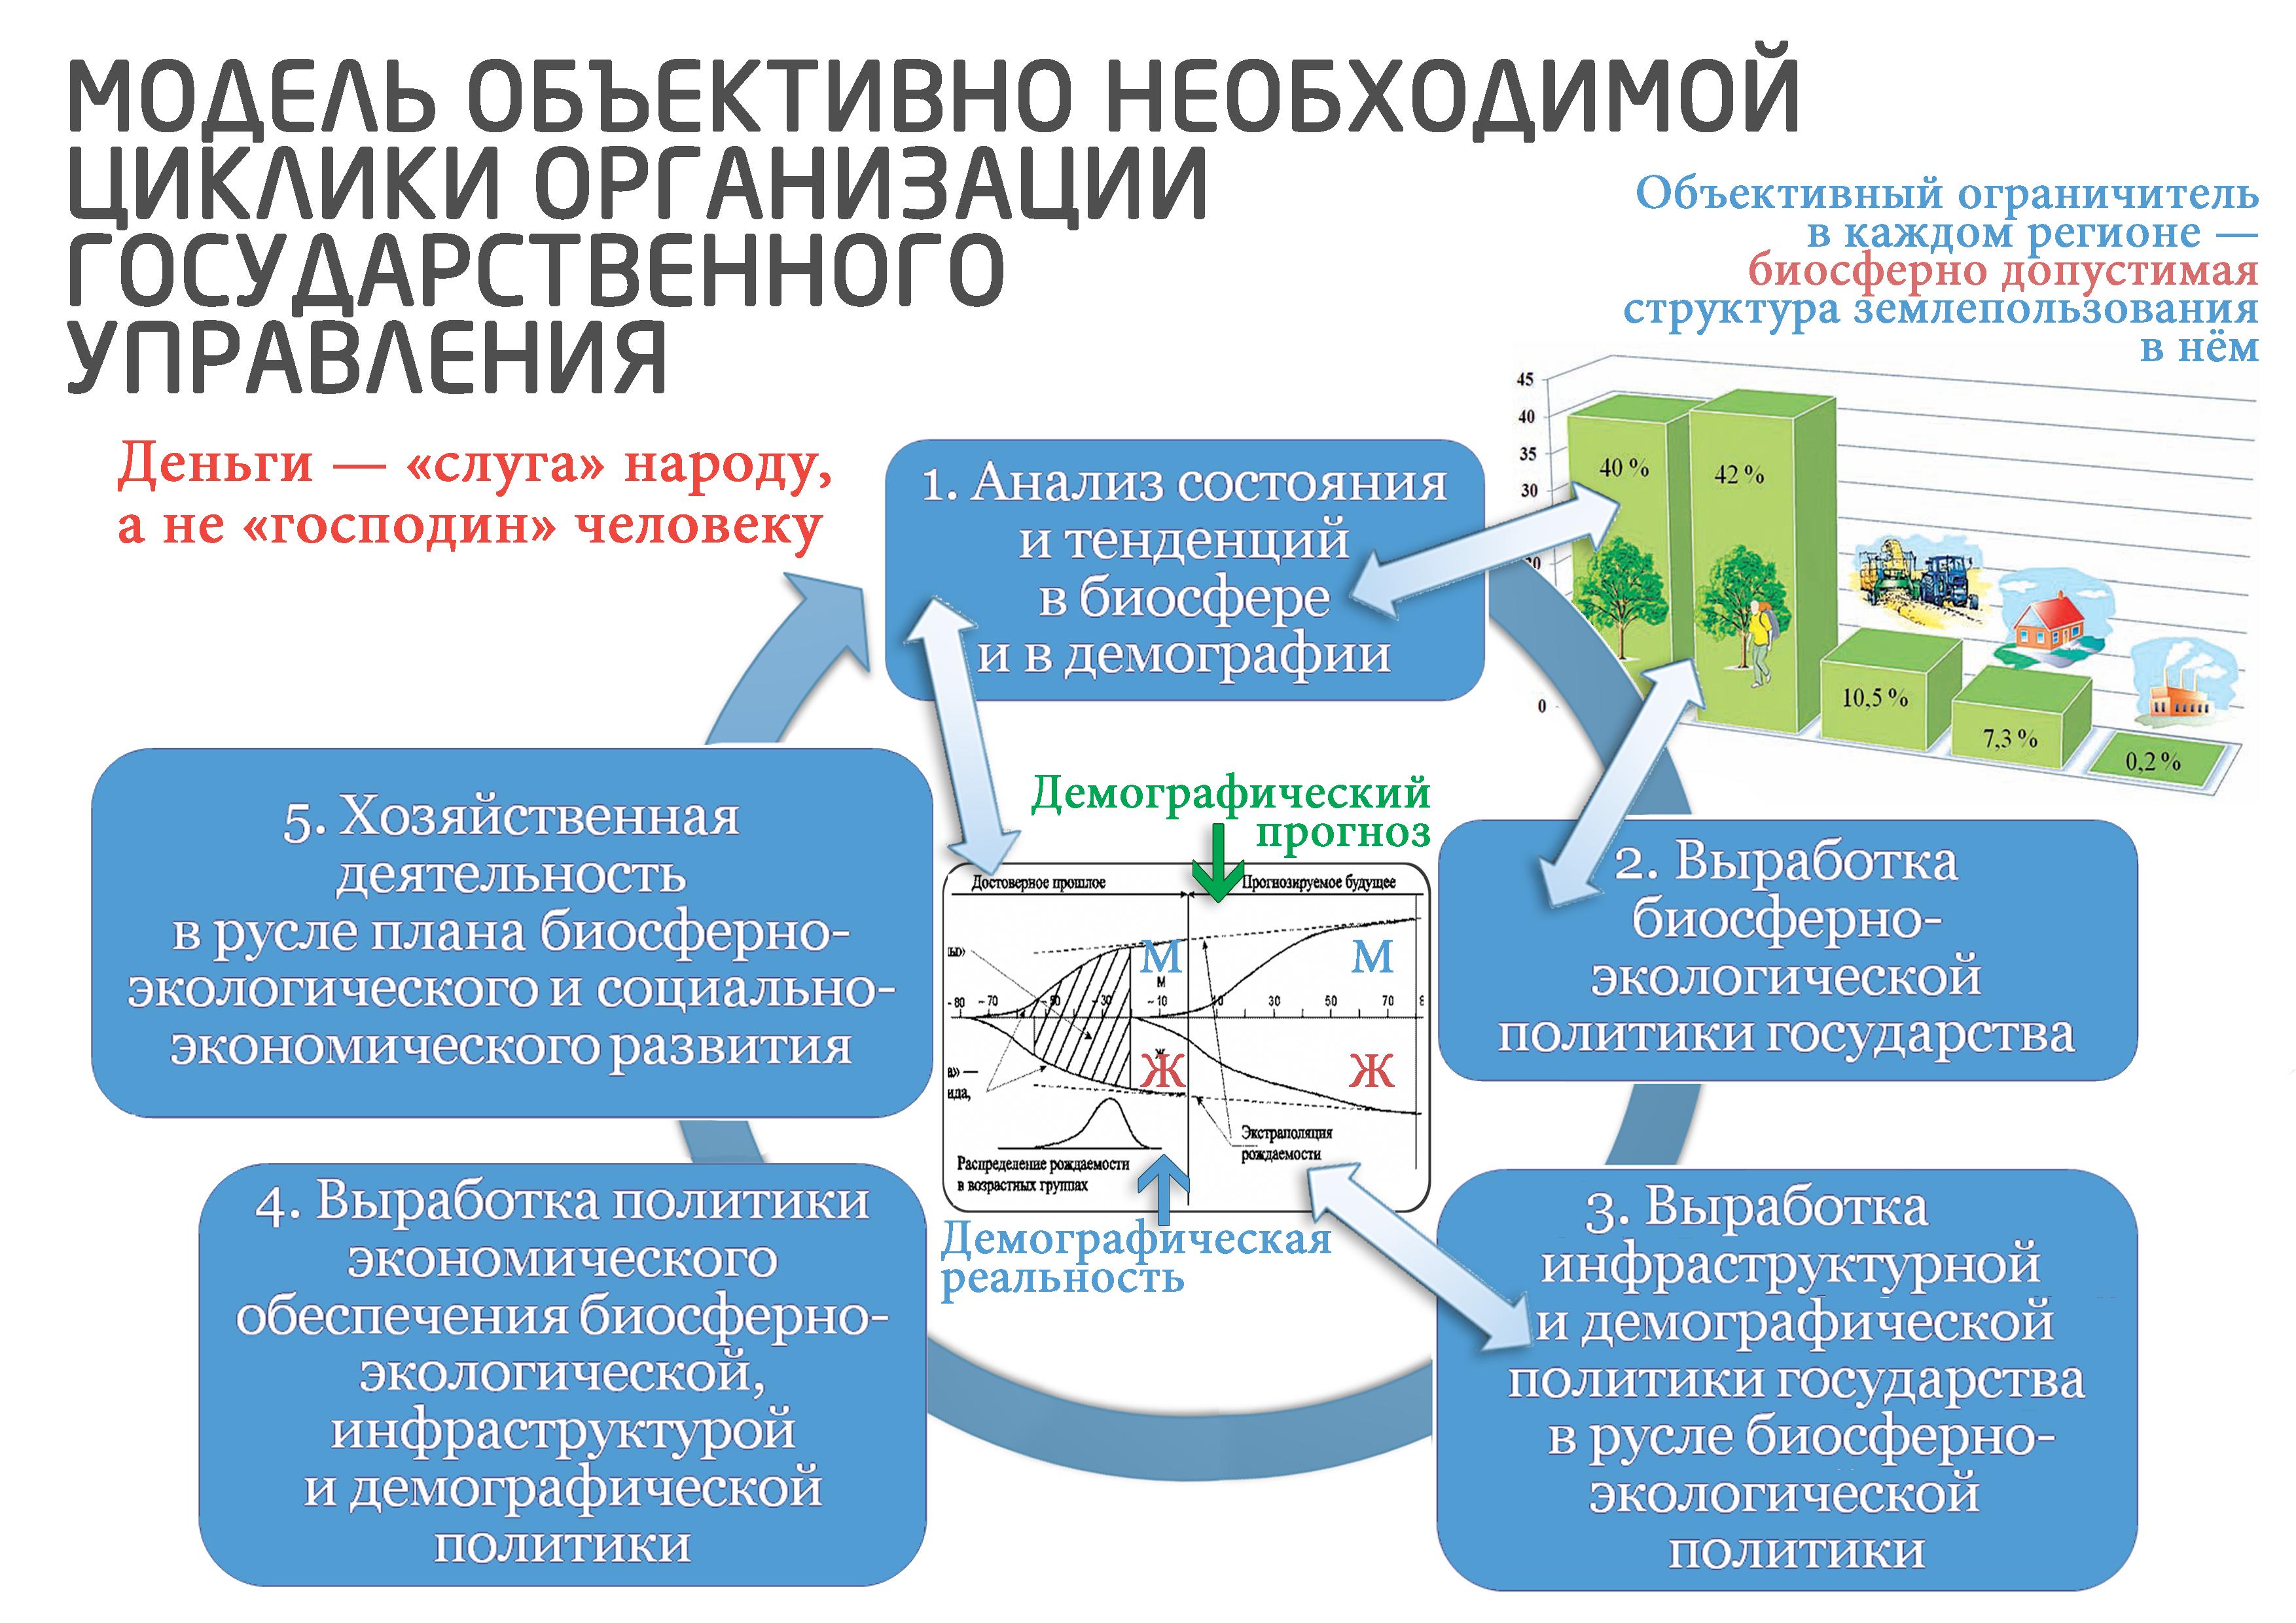 Модель объективно необходимой циклики организации государственного управления